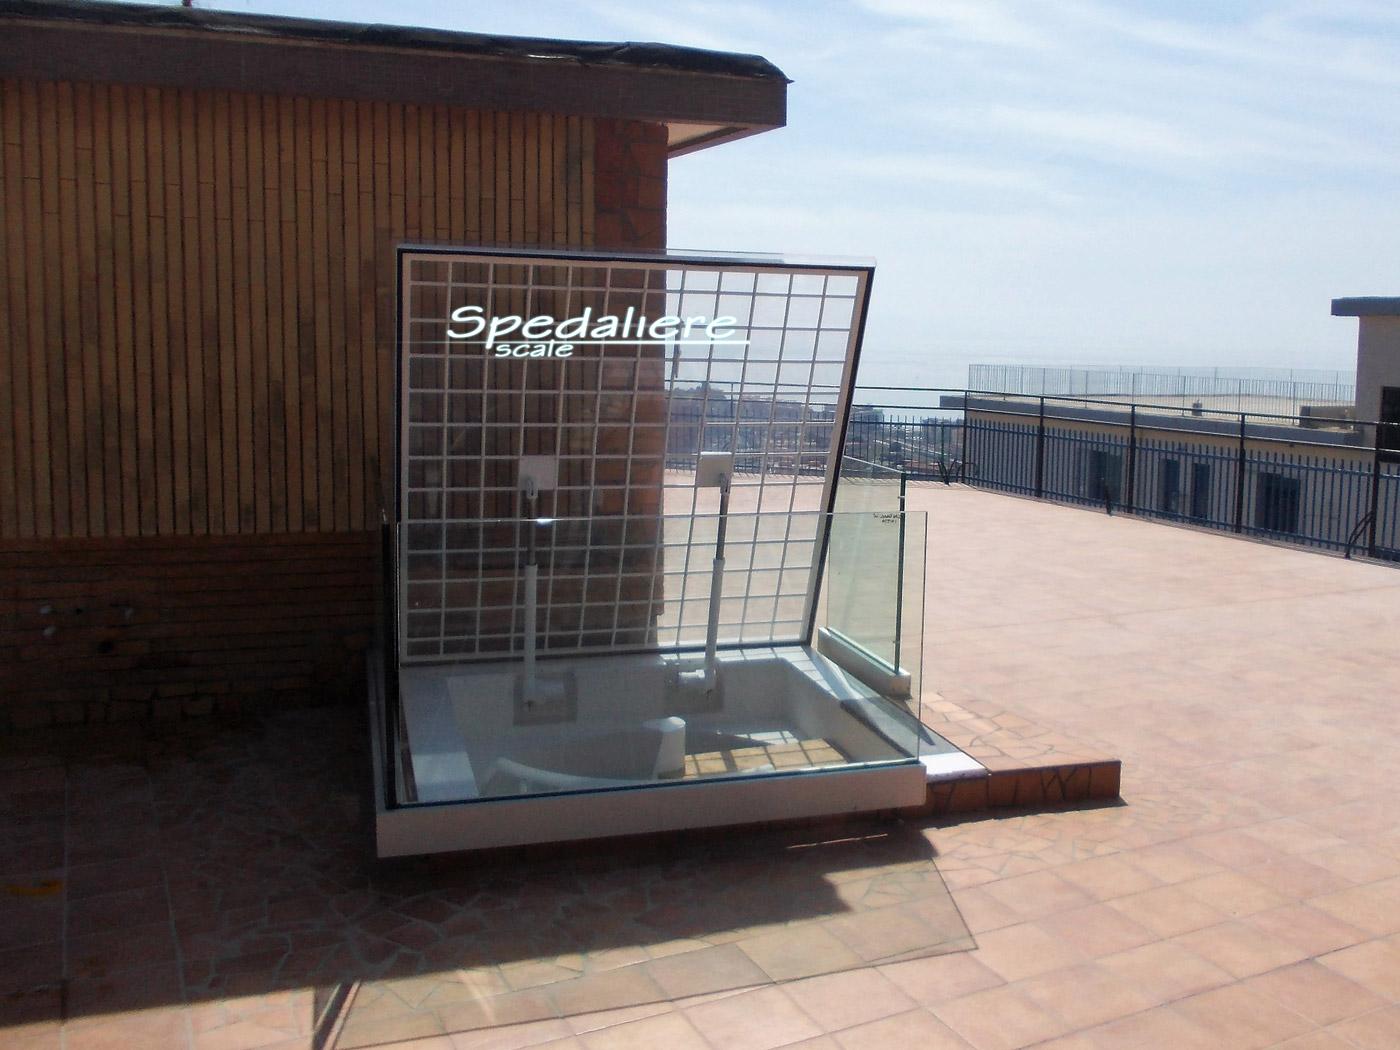 Lucernario quadro  con cordolo alto cm. 15 completo di grata antieffrazione e balaustra in pannellature in vetro temperato stratificato